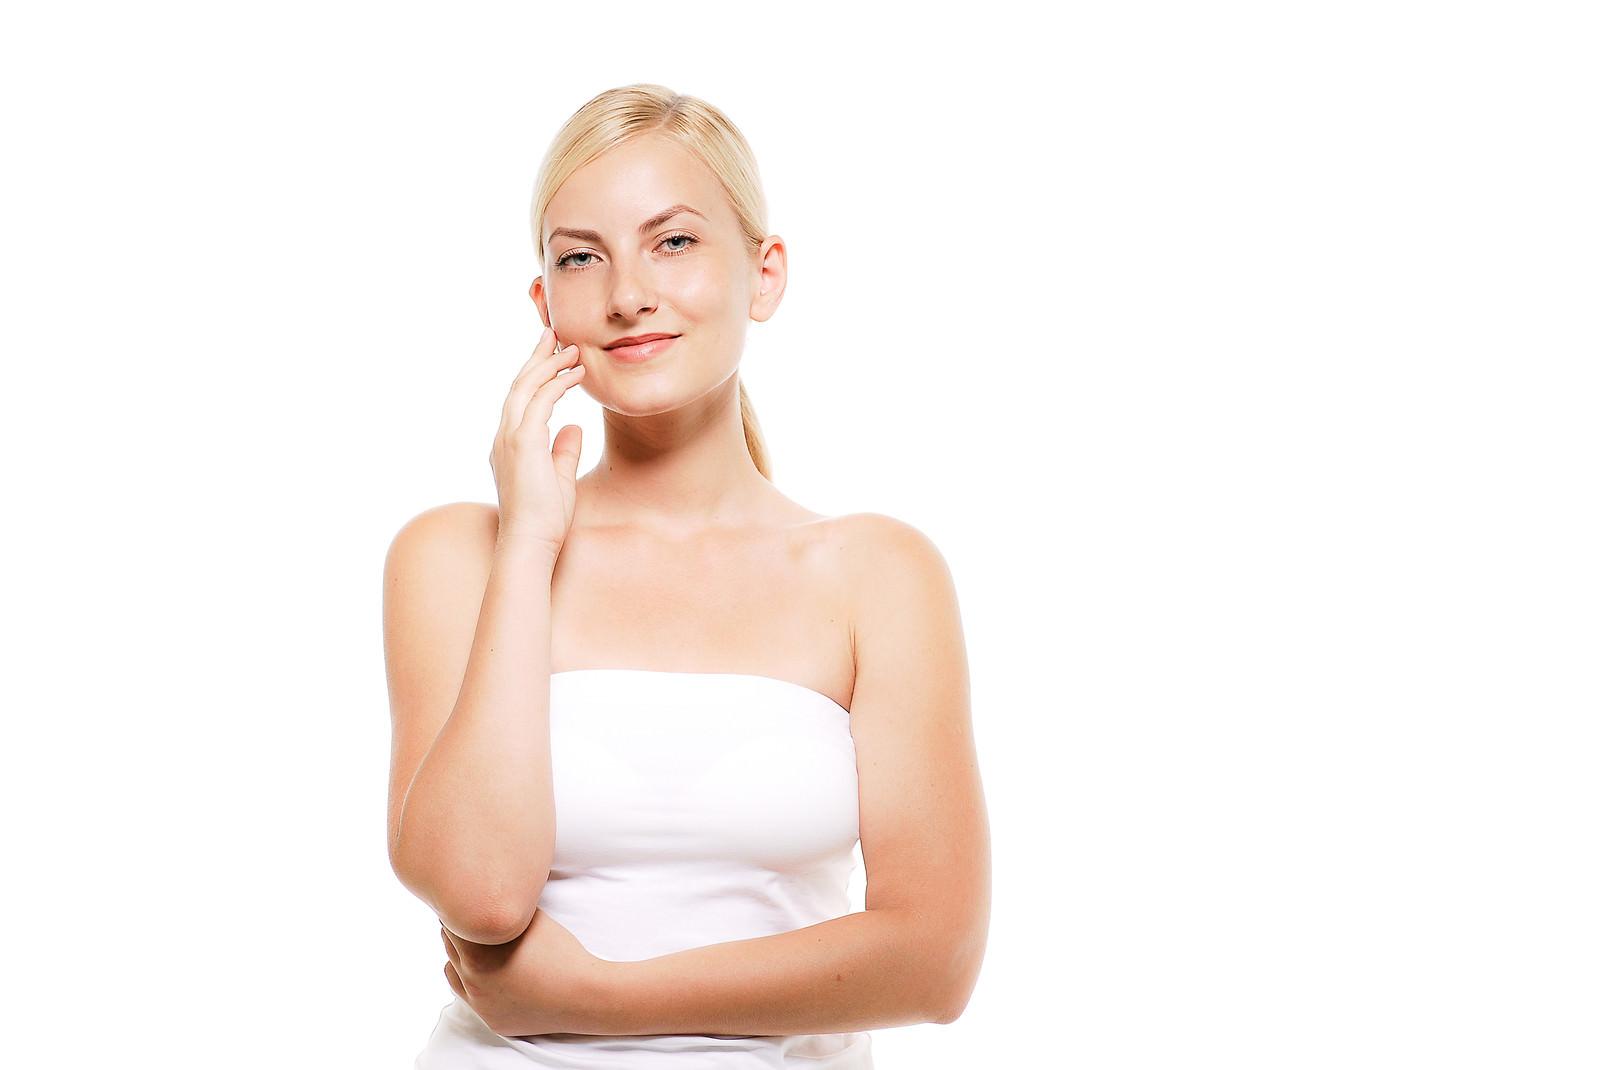 「右頬に指を添えてこちらを見る金髪モデルの女性」の写真[モデル:モデルファクトリー]